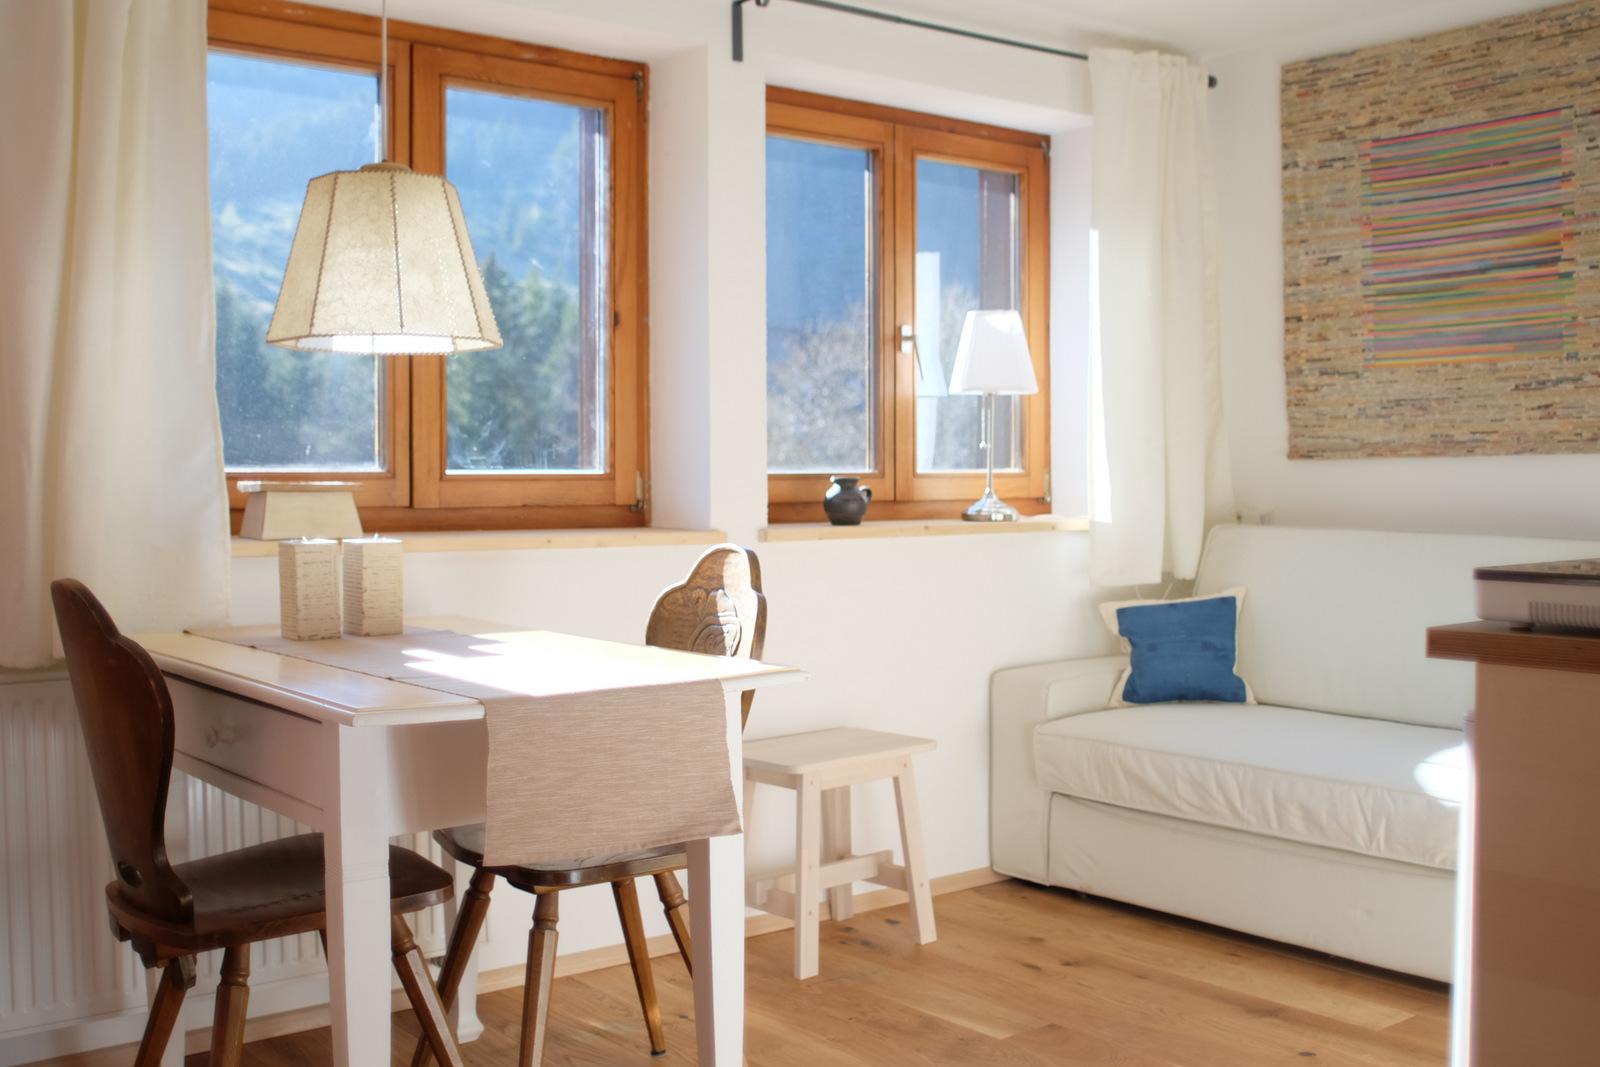 Ferienwohnung in Menzenschwand Studio Hochtal Steig